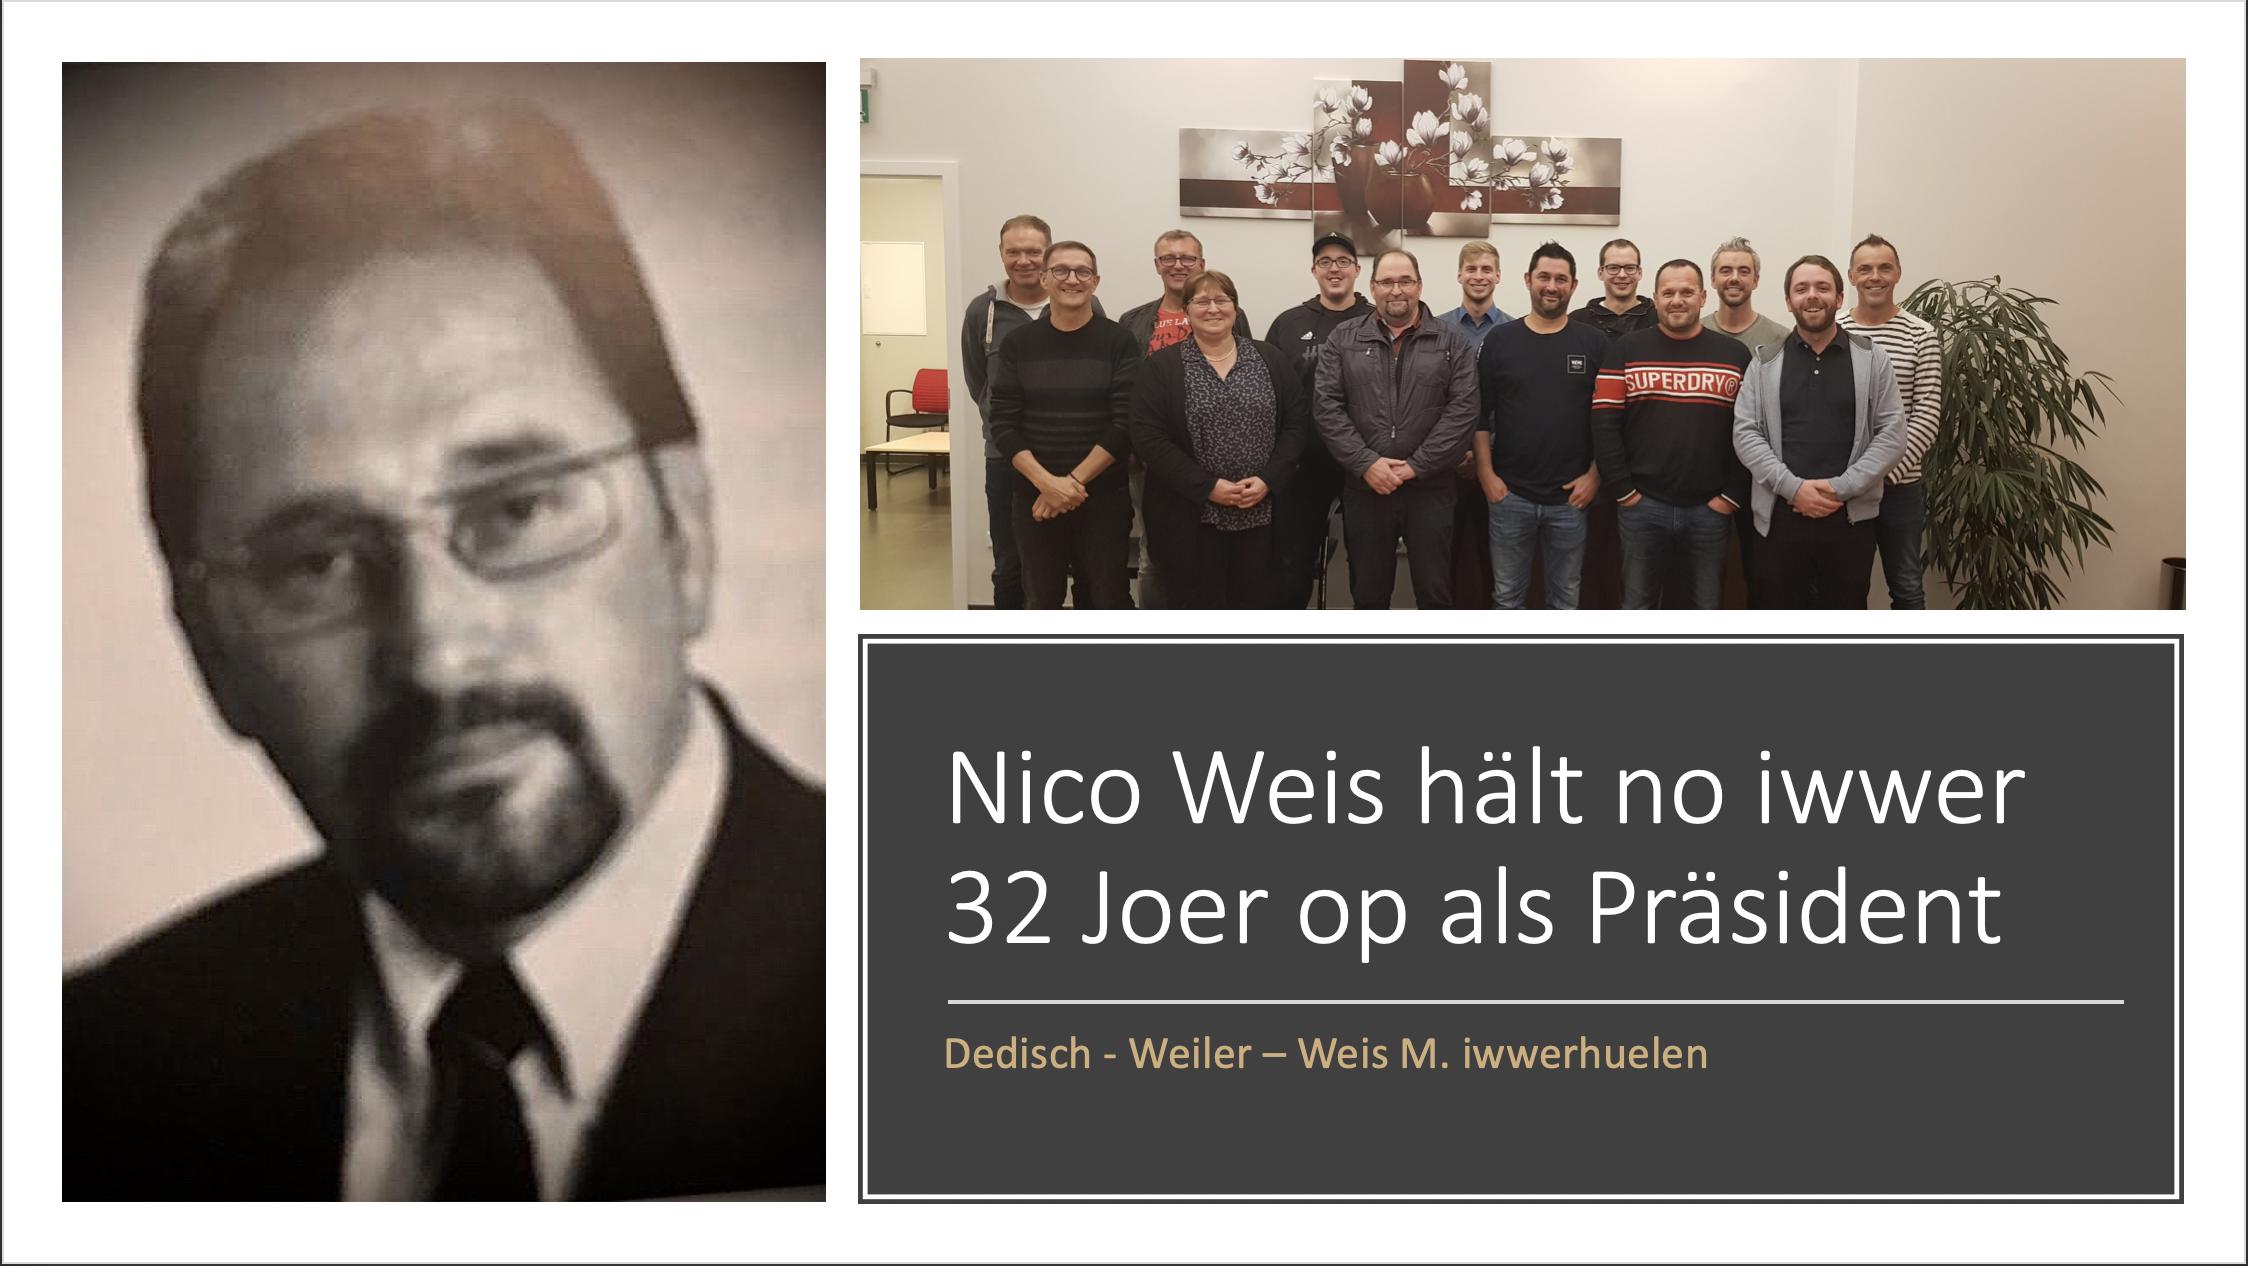 Nico Weis hält no iwwer 32 Joer op als Präsident vum FC 47 Baastenduerf